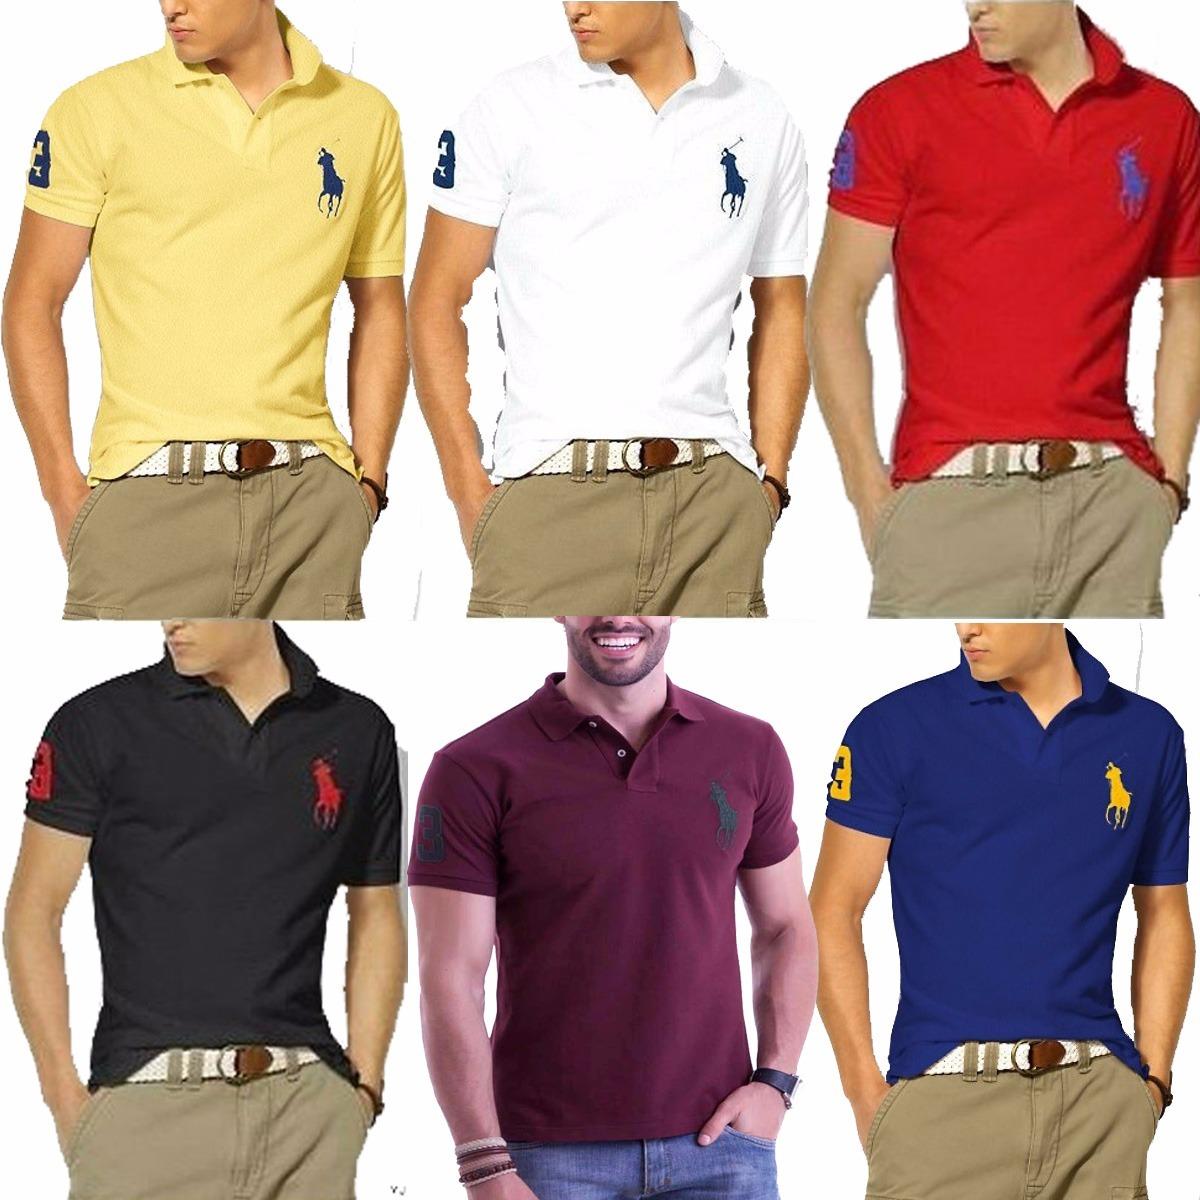 Kit 10 Camisas Polo Masculina Atacado Revenda Varias Marcas - R  179 ... 2c701ee77e33b